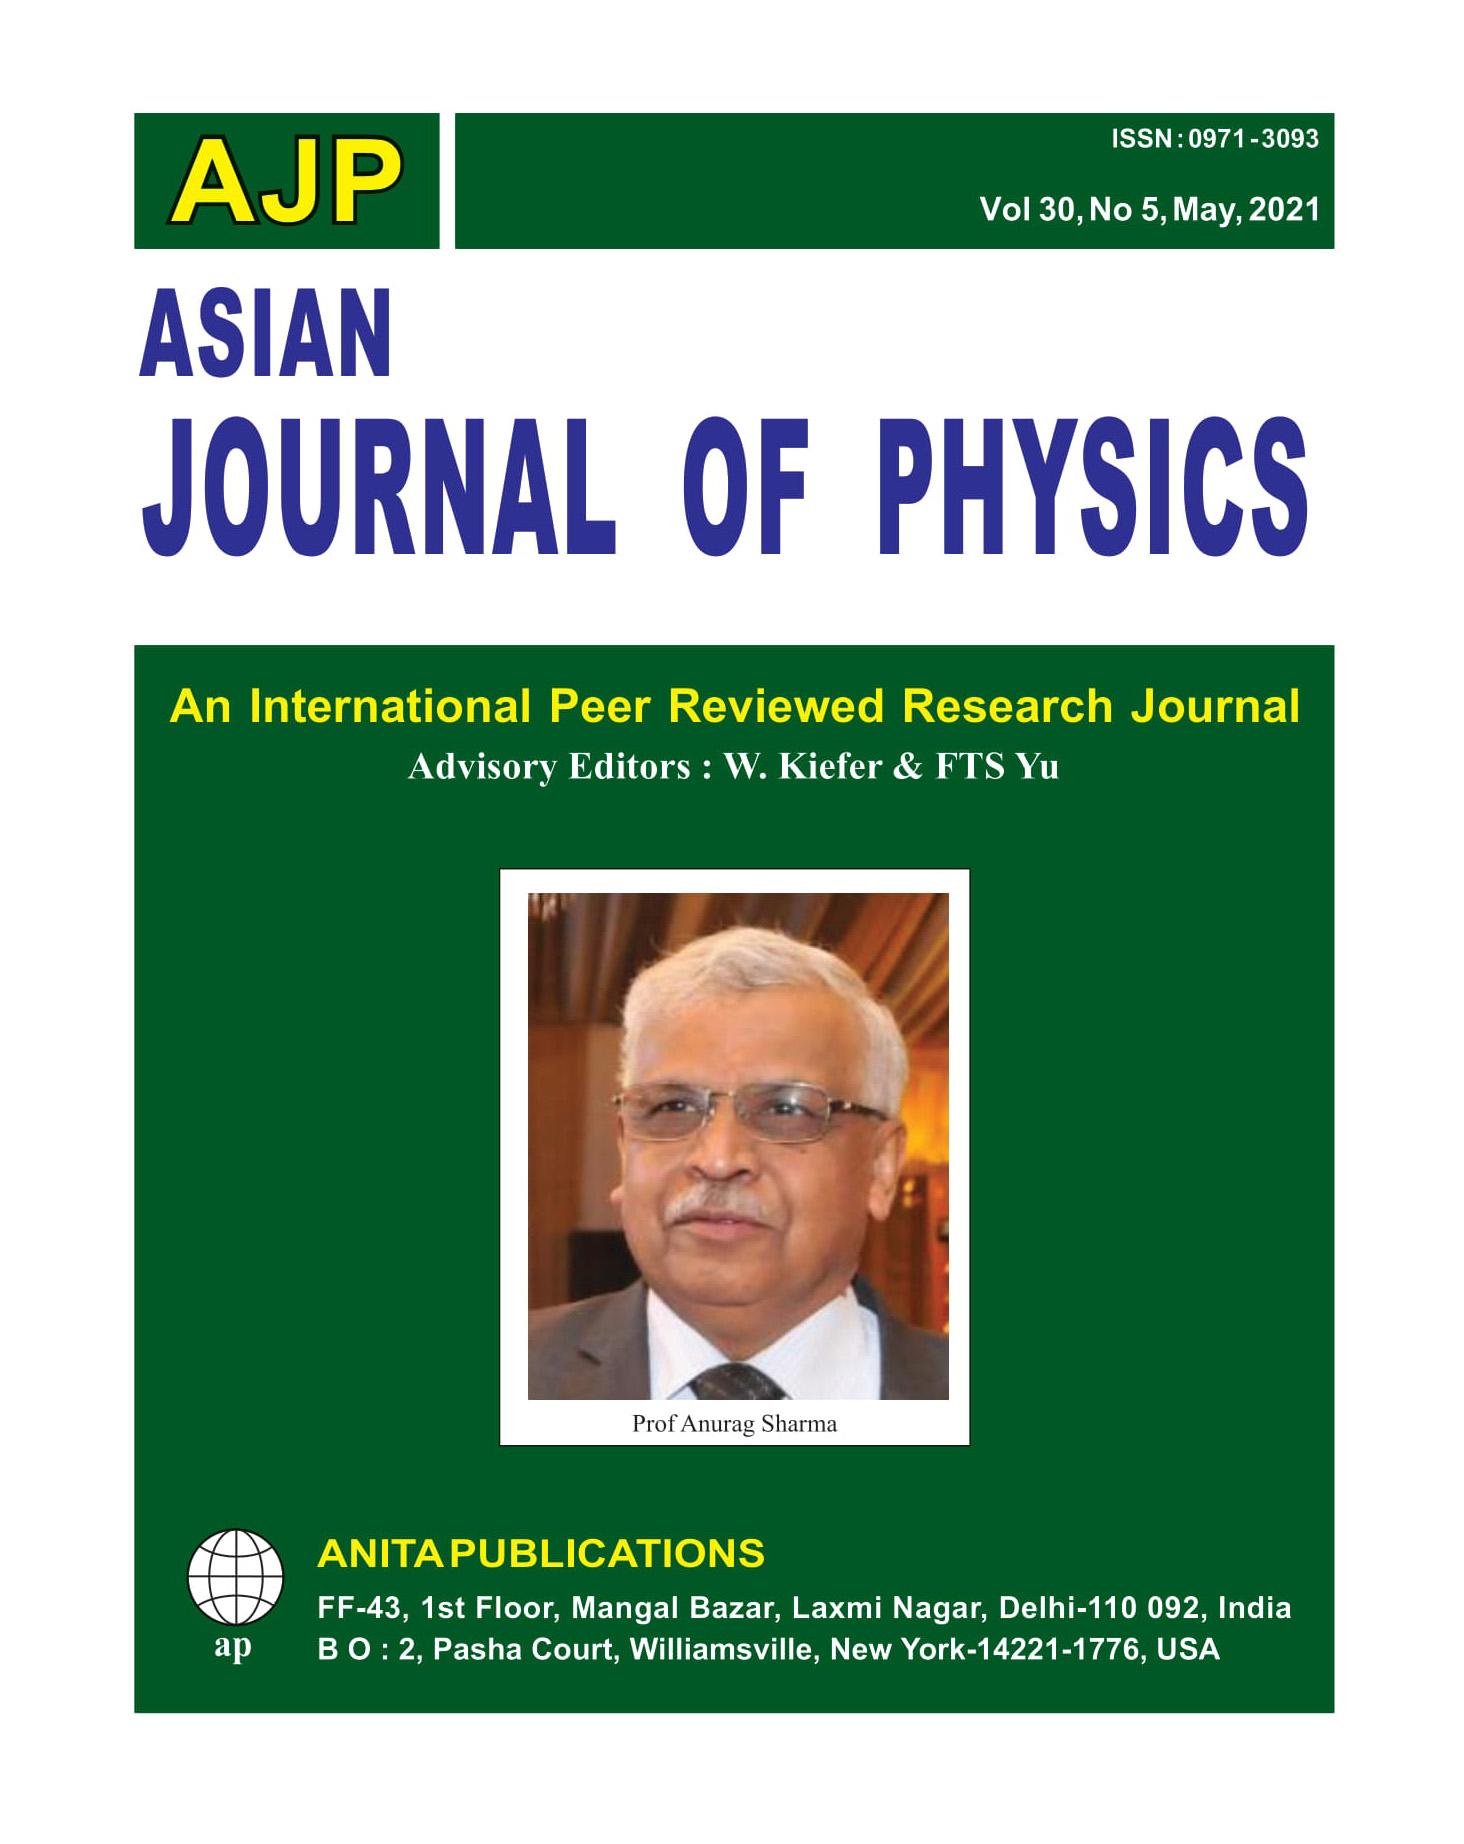 AJP Vol 30 No 5, 2021